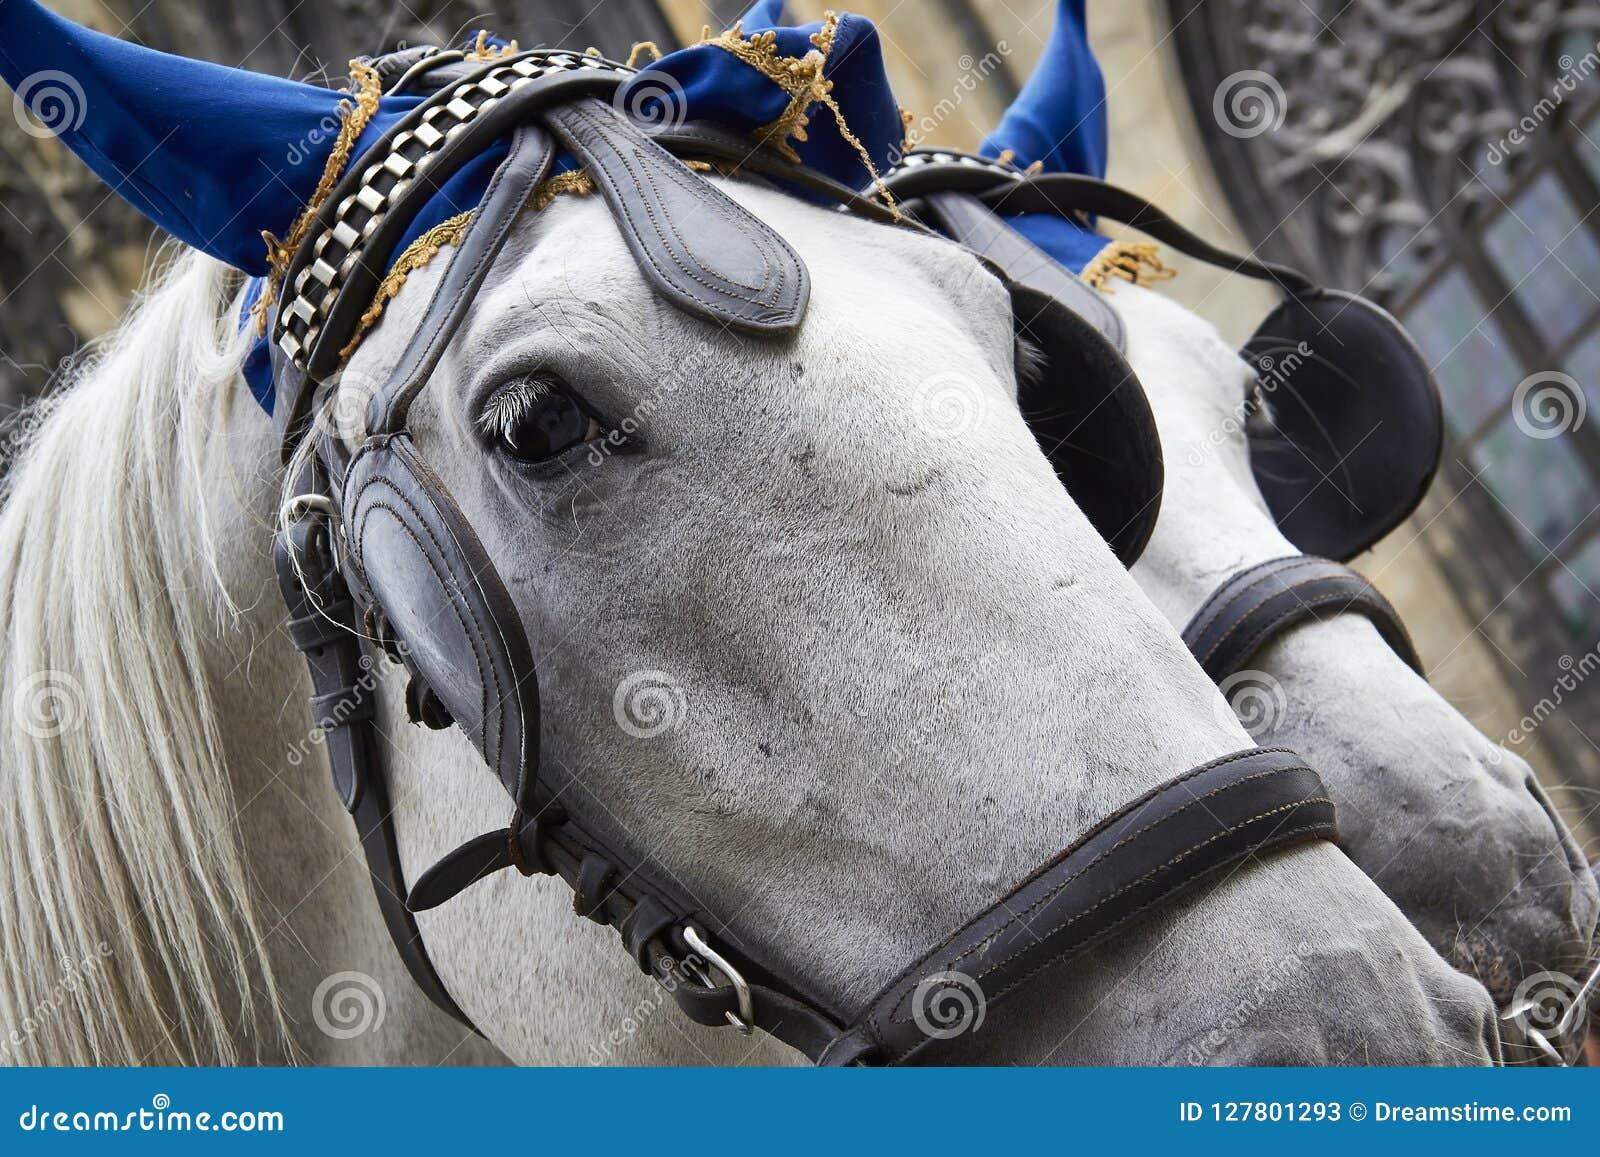 White horses similar twins portrait closeup bridle